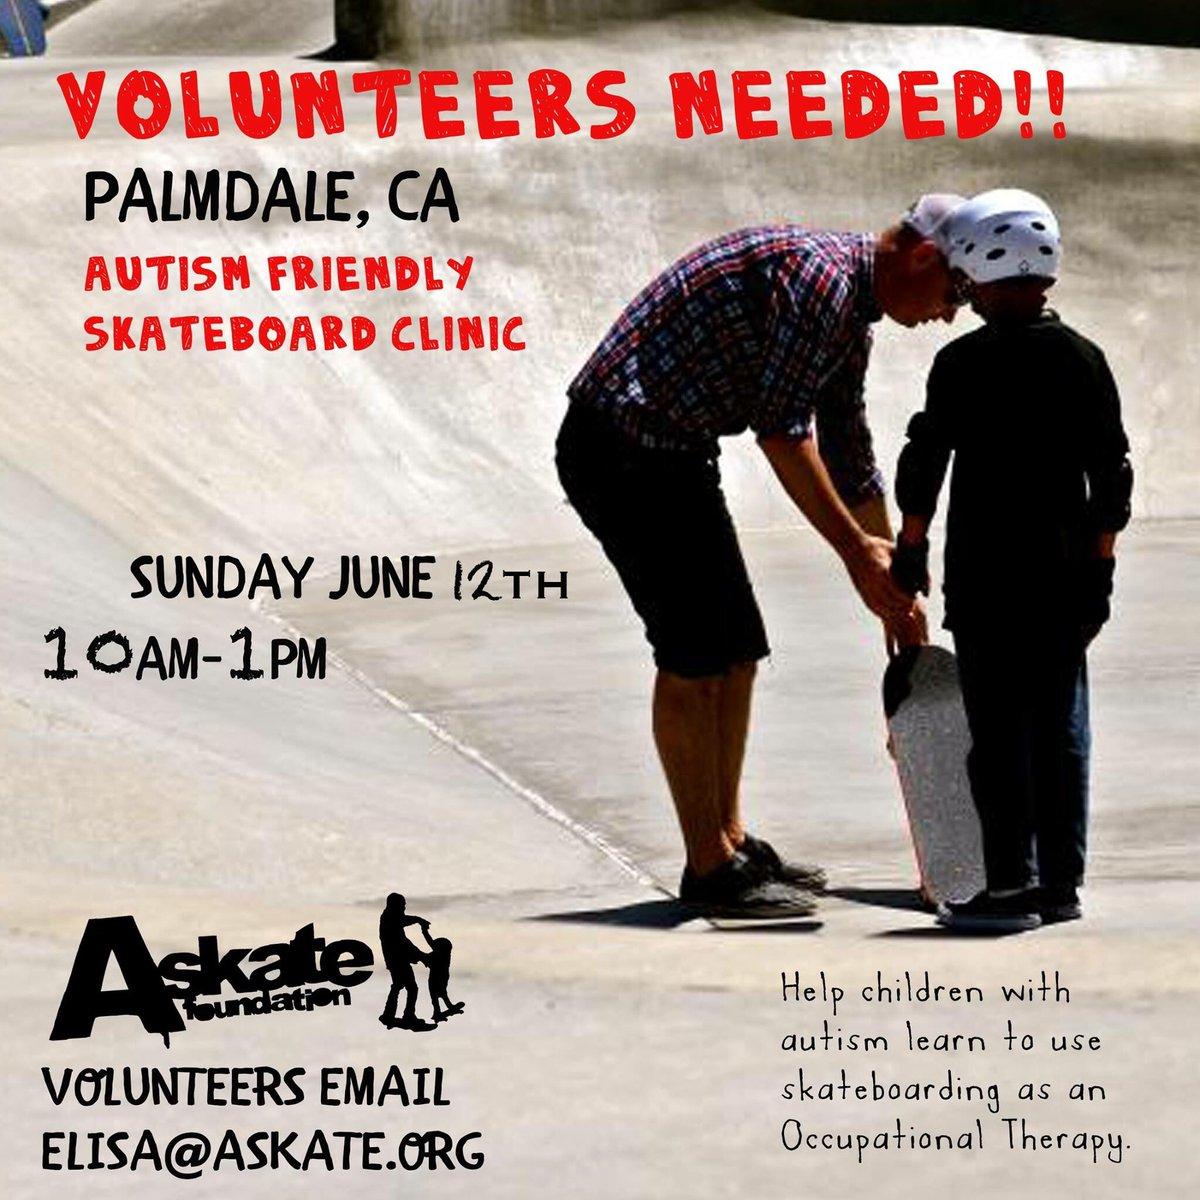 @vansskate Please help! In need of 20 volunteers! Please repost & help us Spread the word!#Autism #Skateboarding https://t.co/VxlW1w2Anp